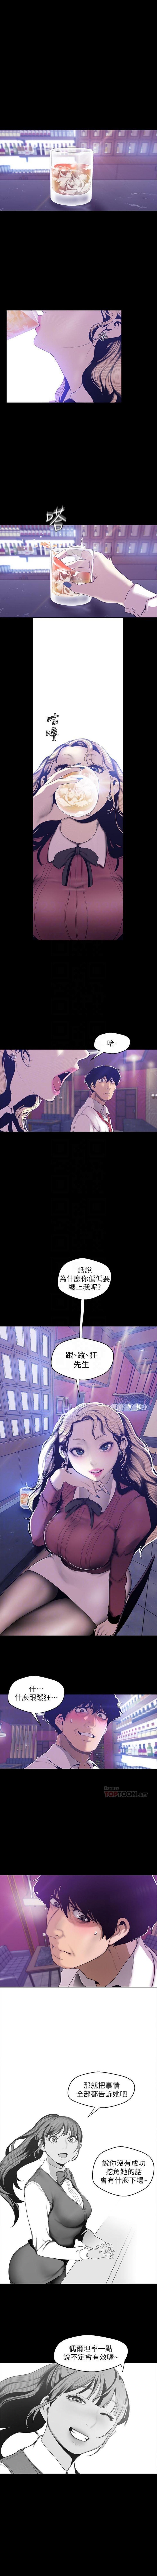 (週1)美麗新世界 1-70 中文翻譯 (更新中) 540